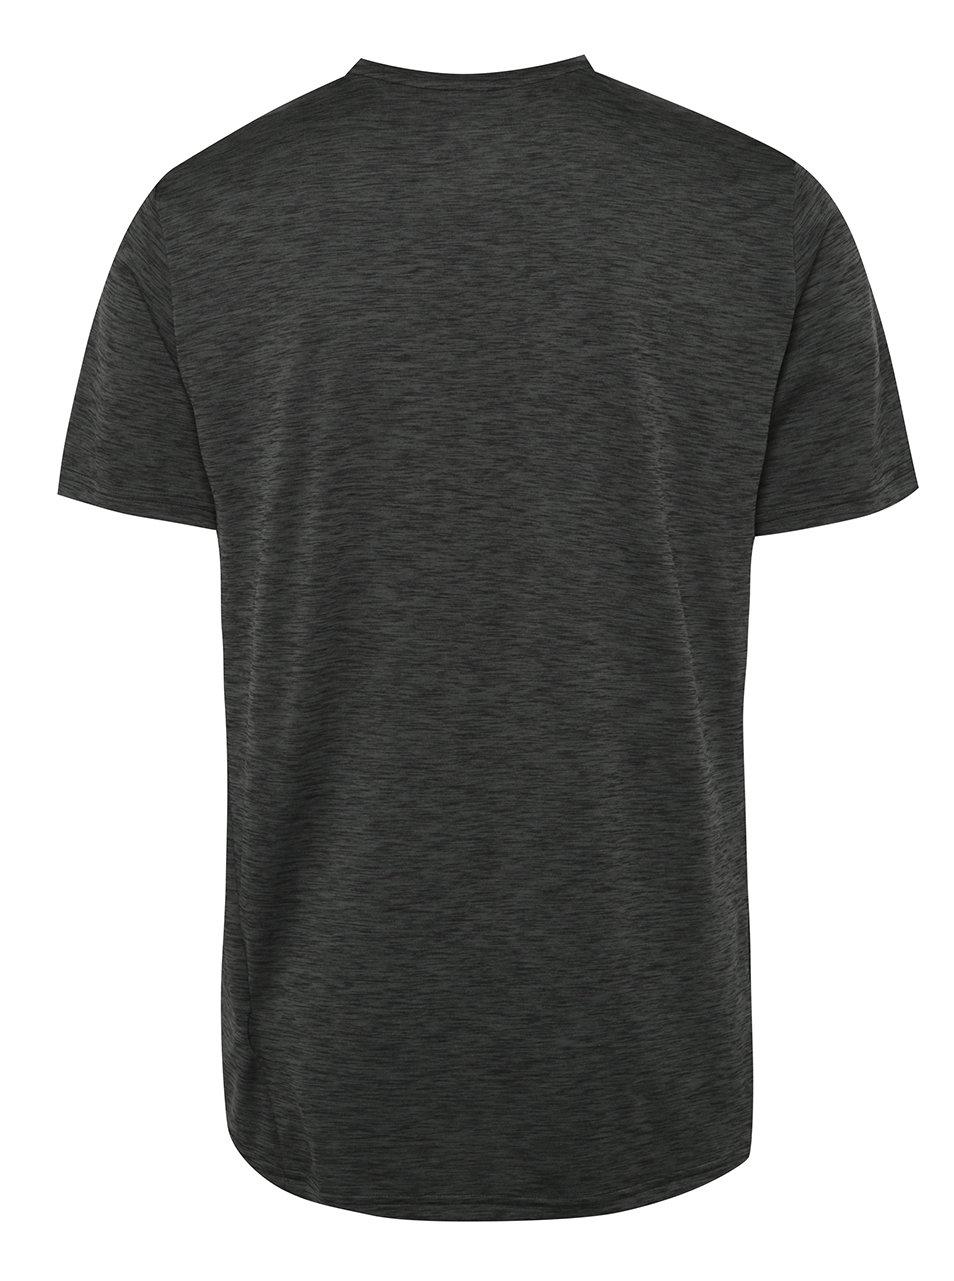 Tmavosivé pánske funkčné tričko Nike Breathe ... 0abcc47b7e7